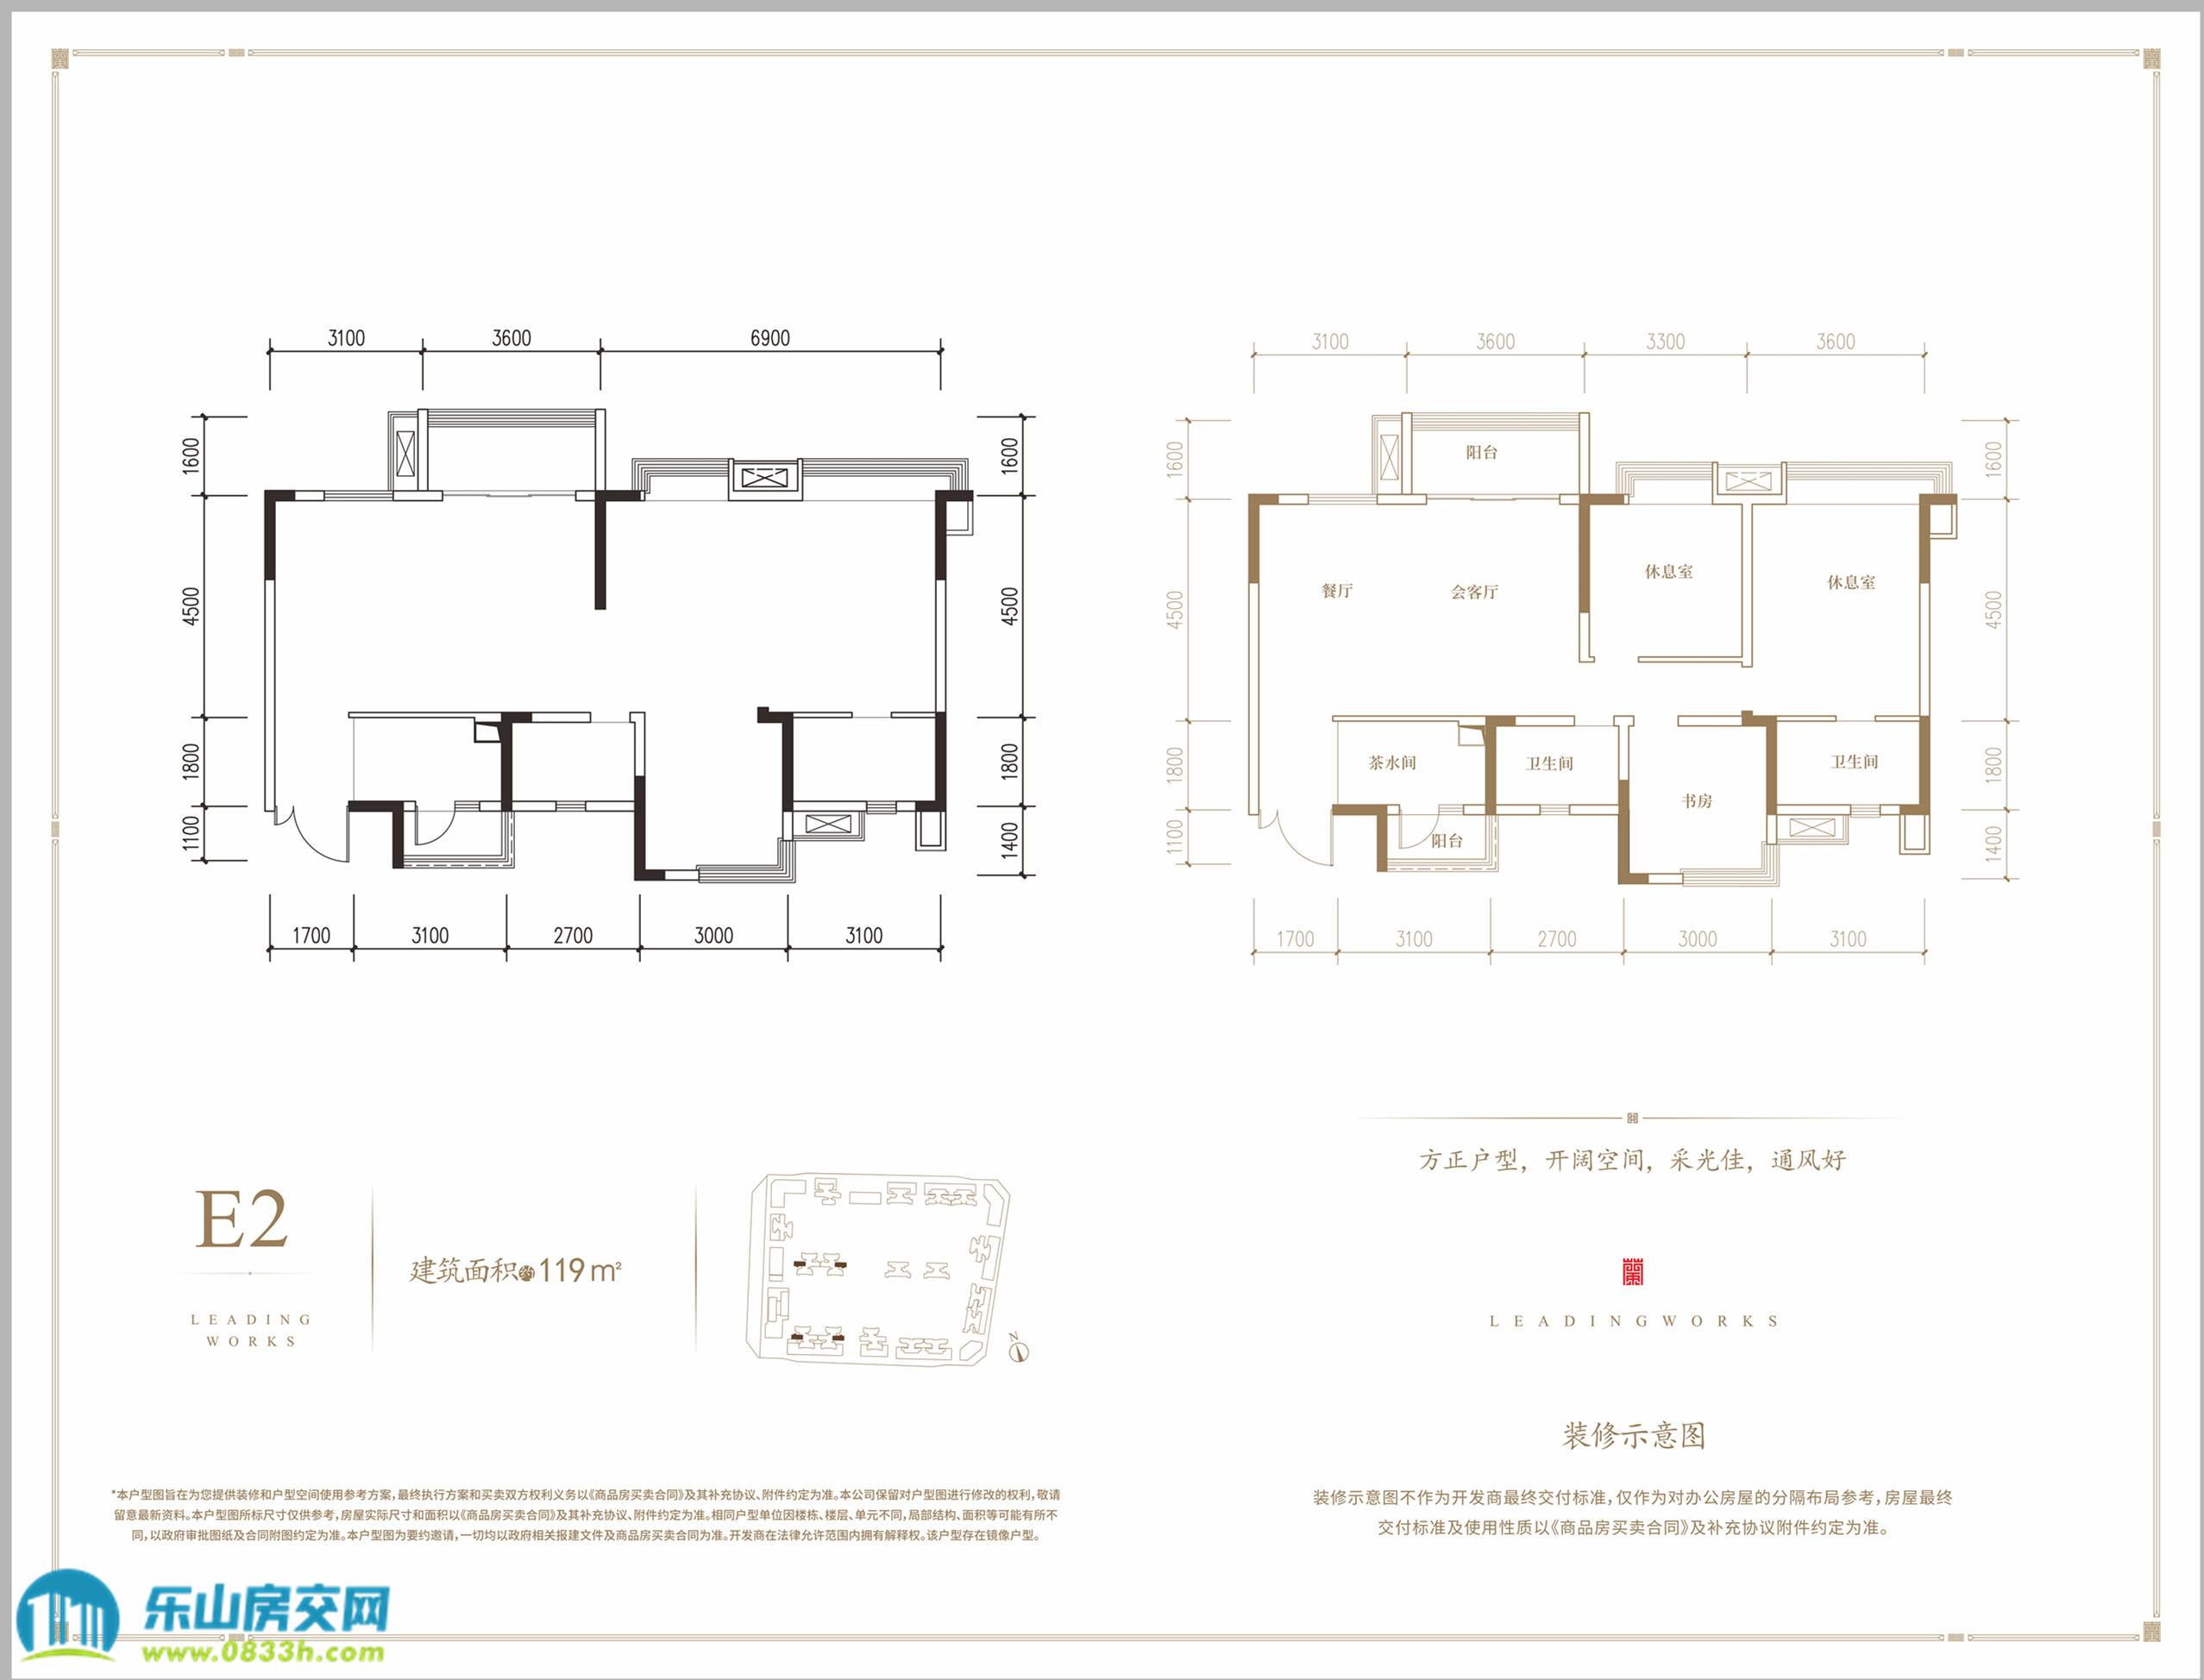 E2户型图(类住宅)